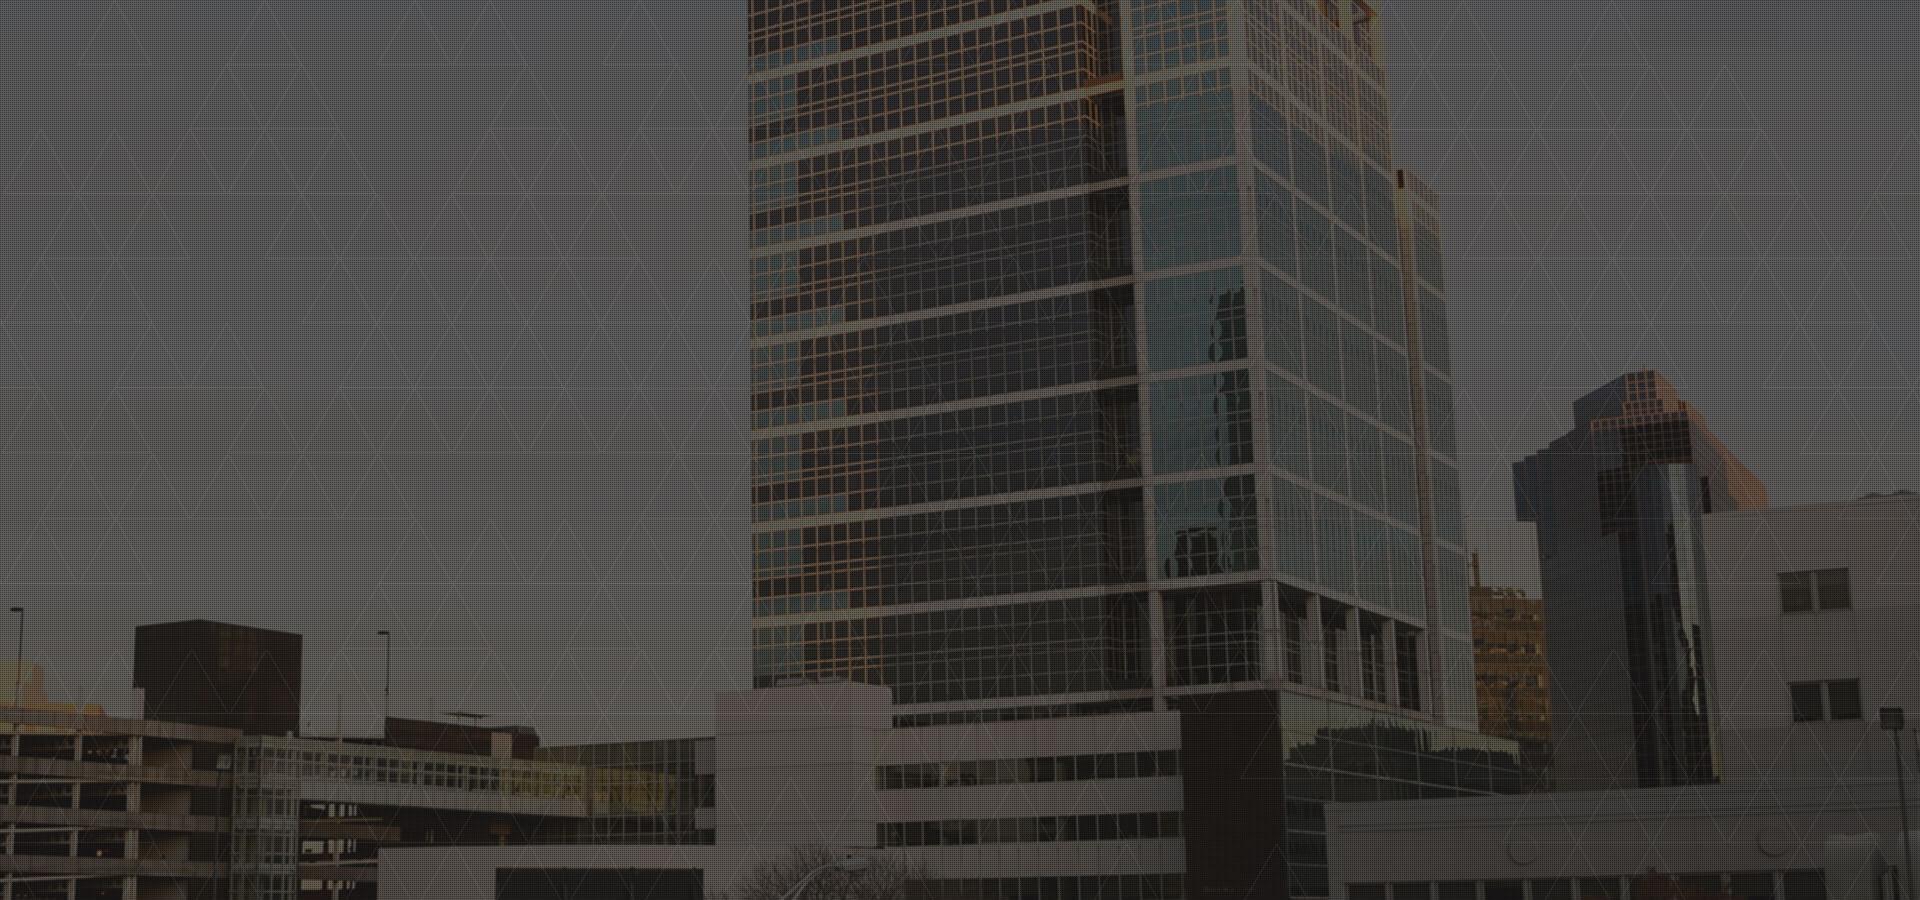 Real estate management platform header image